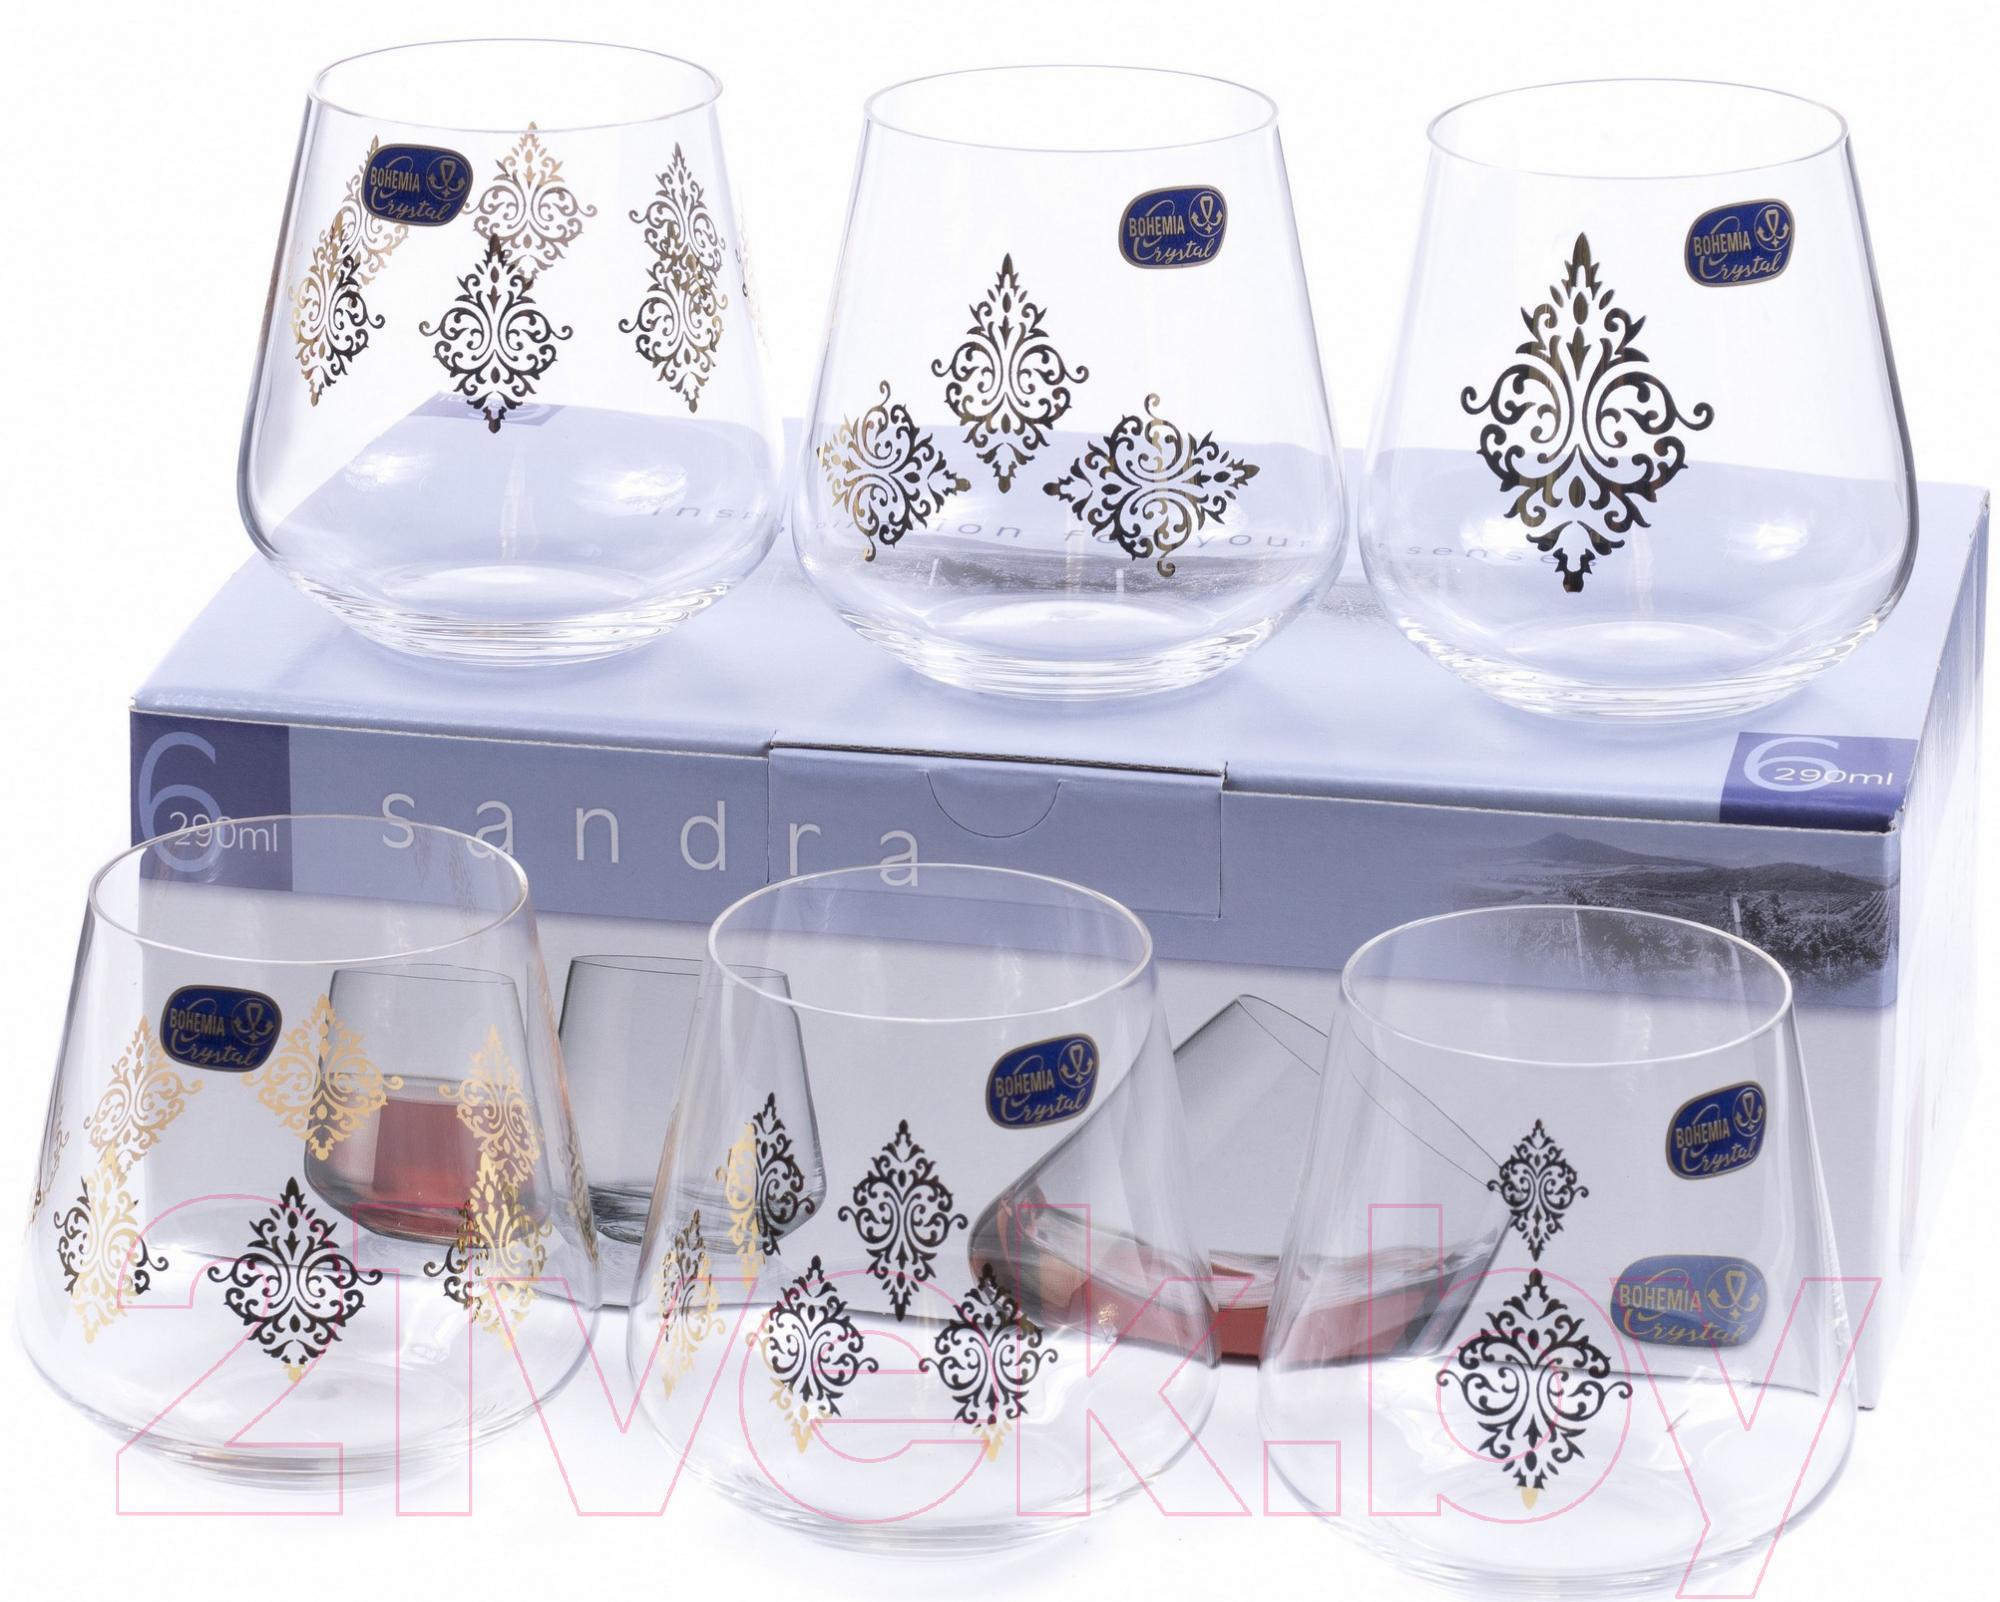 Купить Набор стаканов Bohemia, Crystal Sandra 23013/S1387/290 (6шт), Чехия, стекло